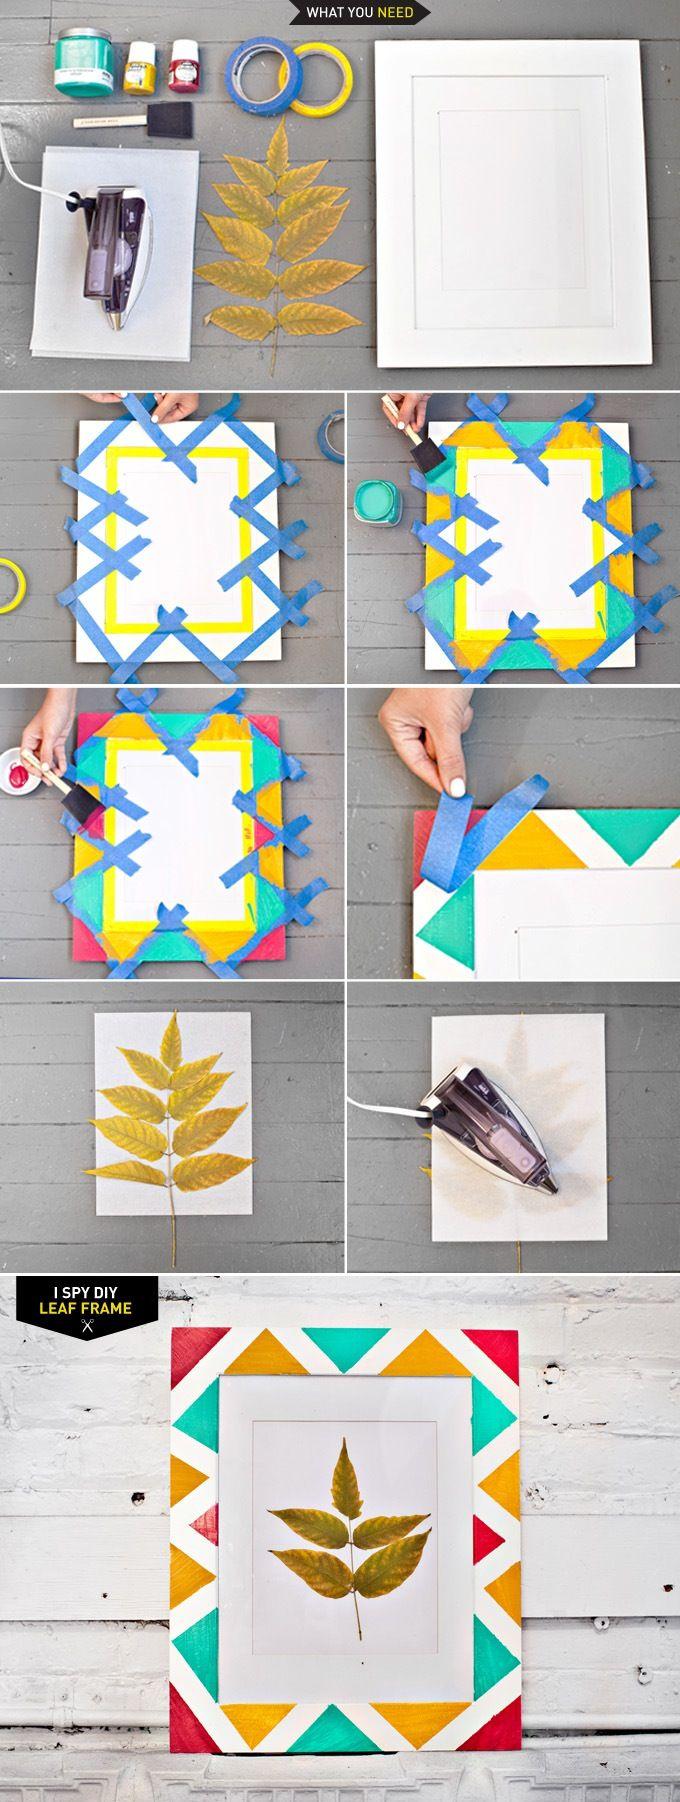 DIY STEP-BY-STEP | Leaf Frame